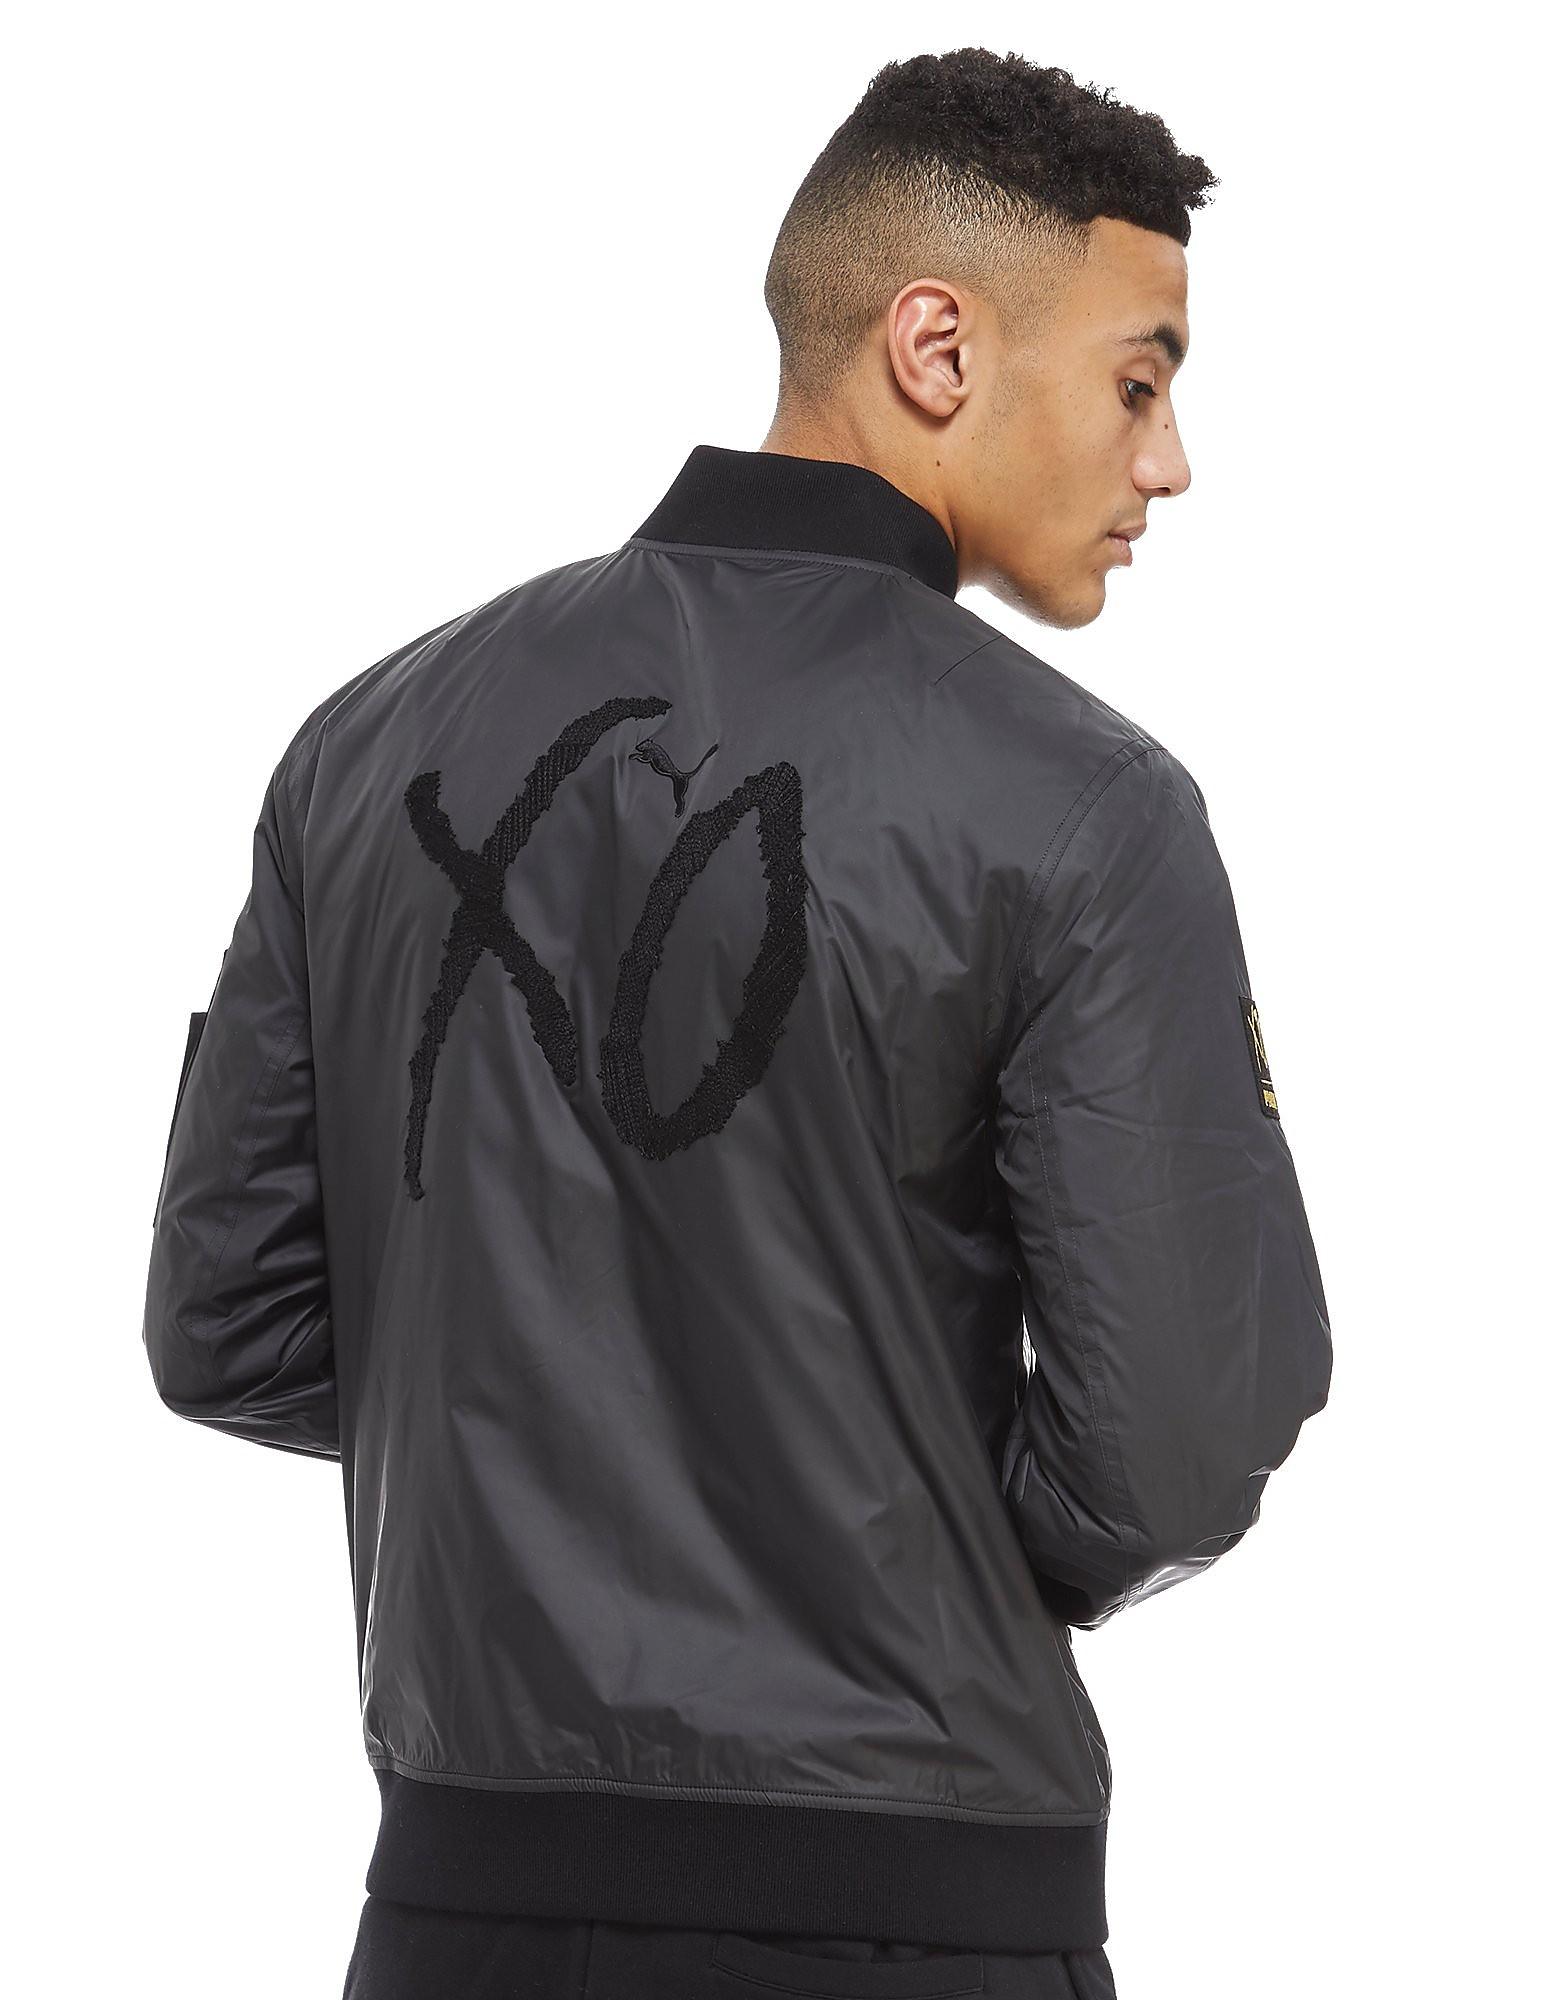 PUMA XO Bomber Jacket